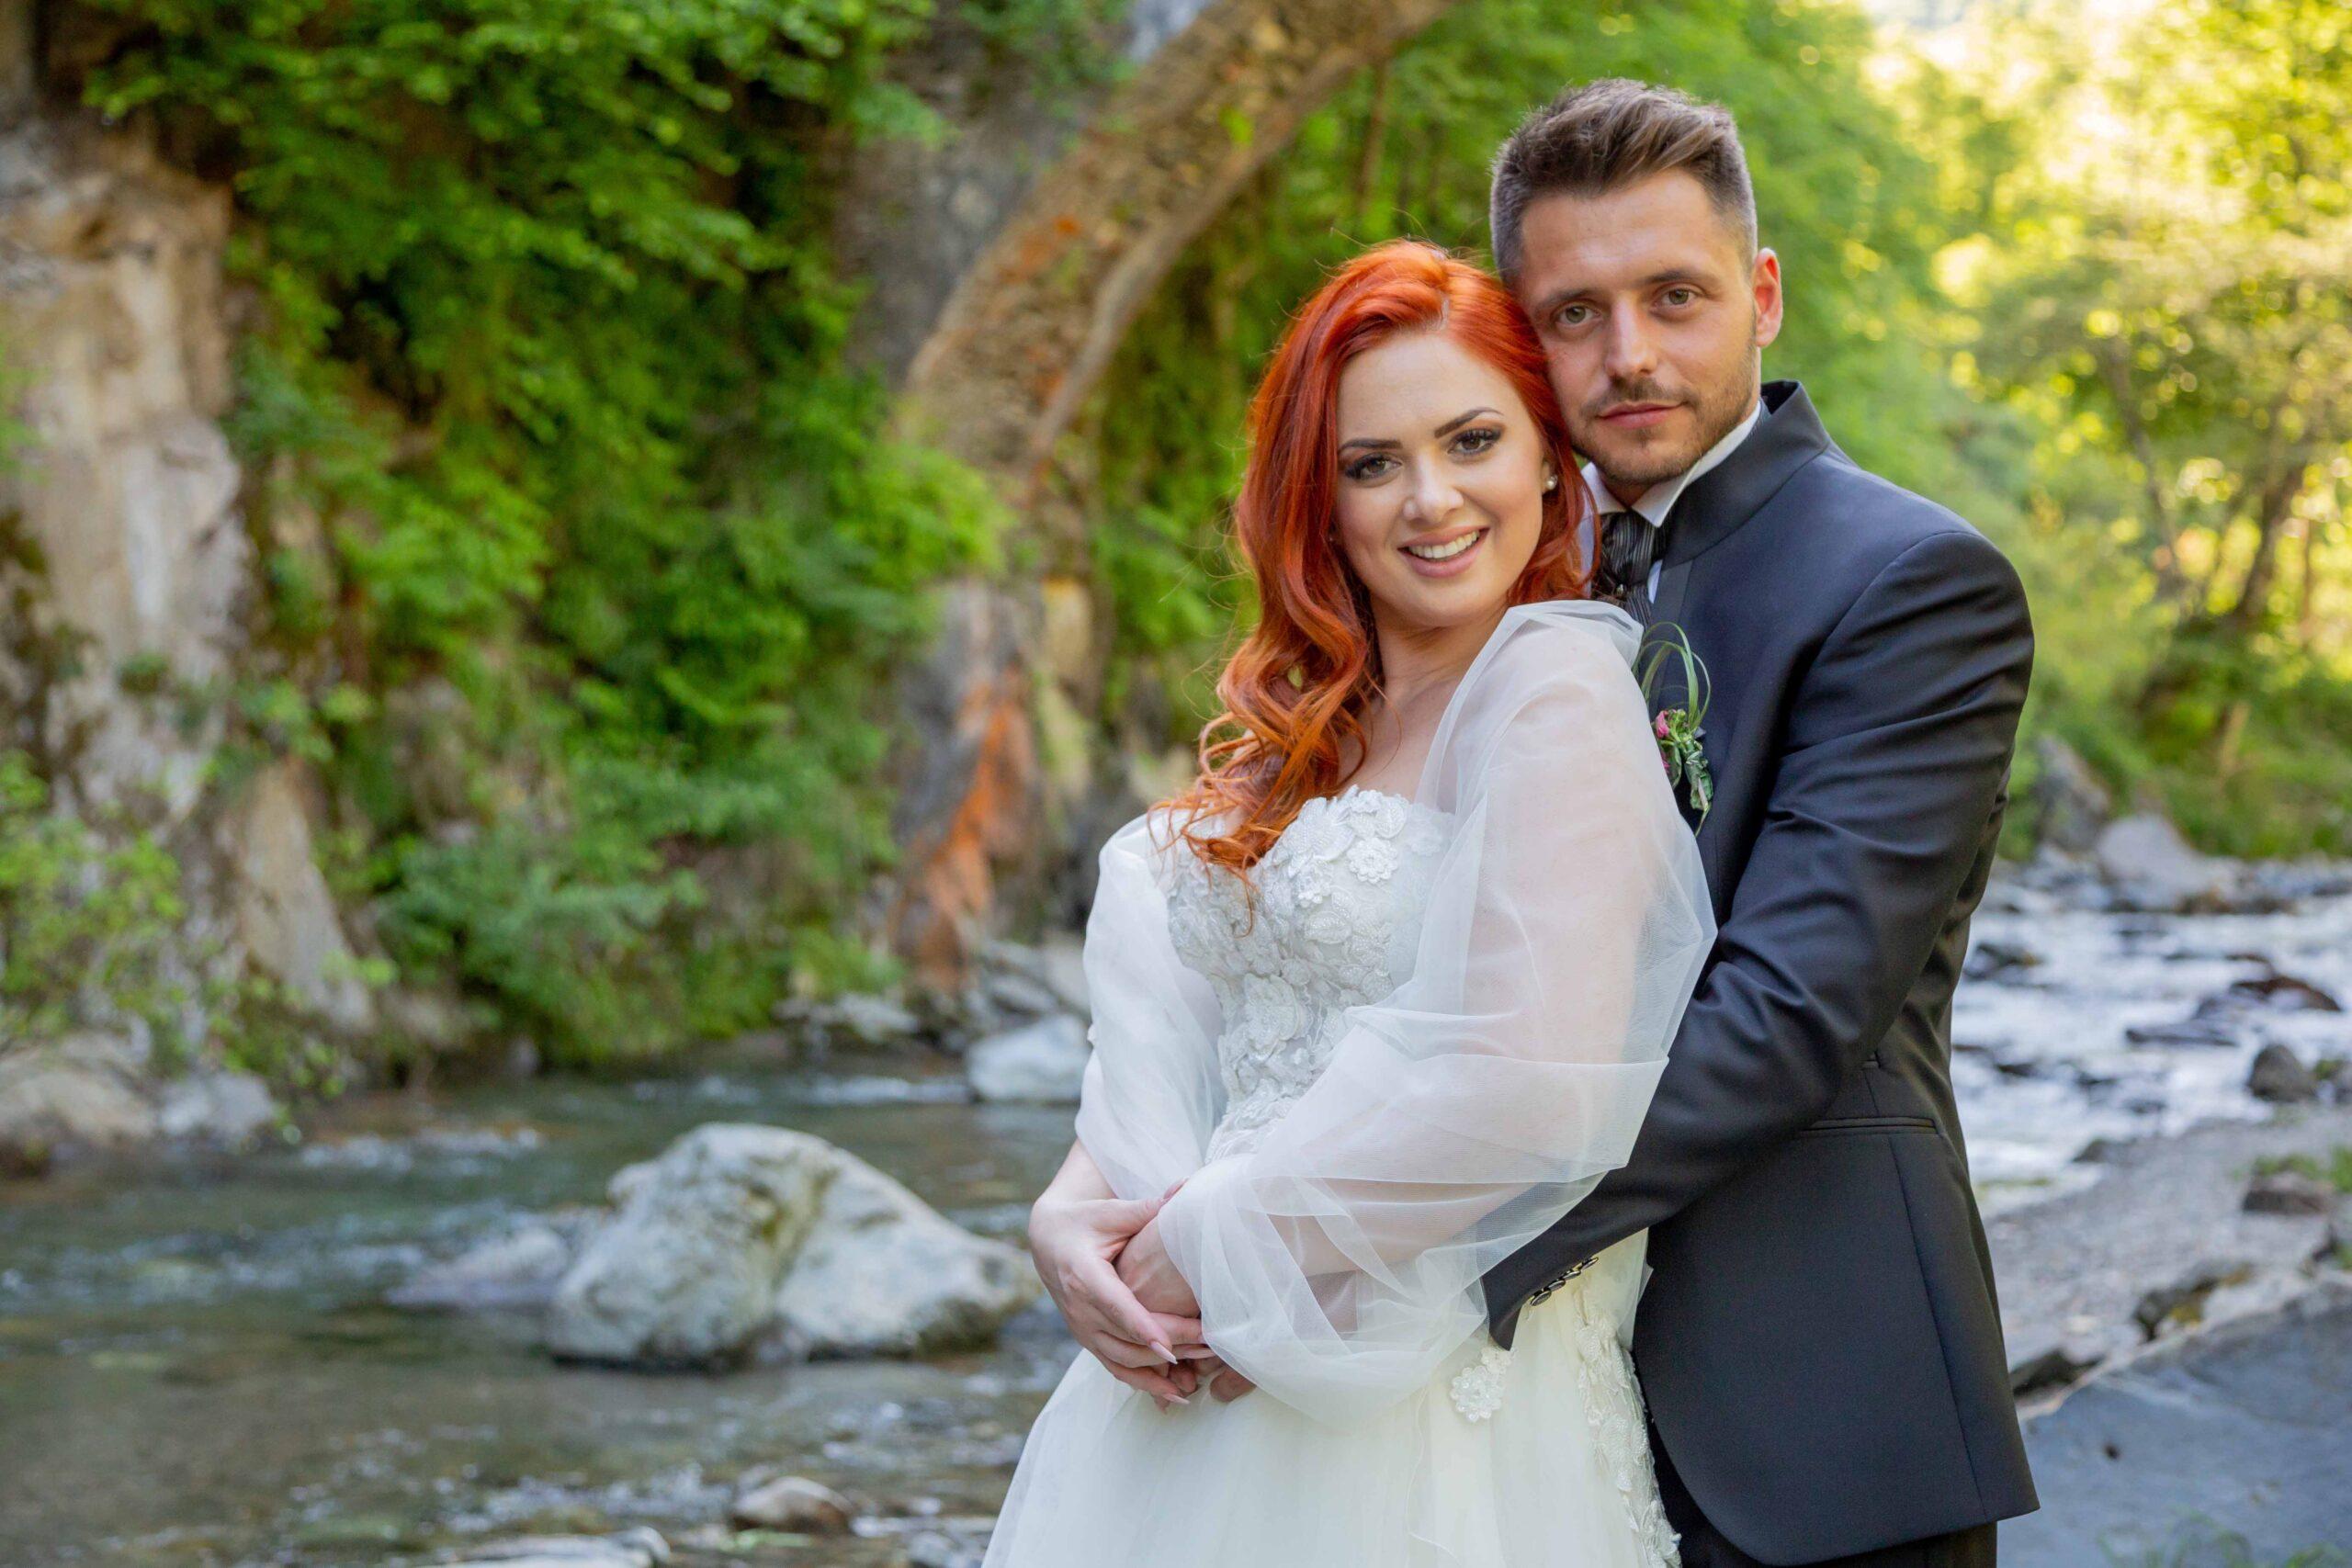 Nicole Andrea matrimonio a prima vista 2020